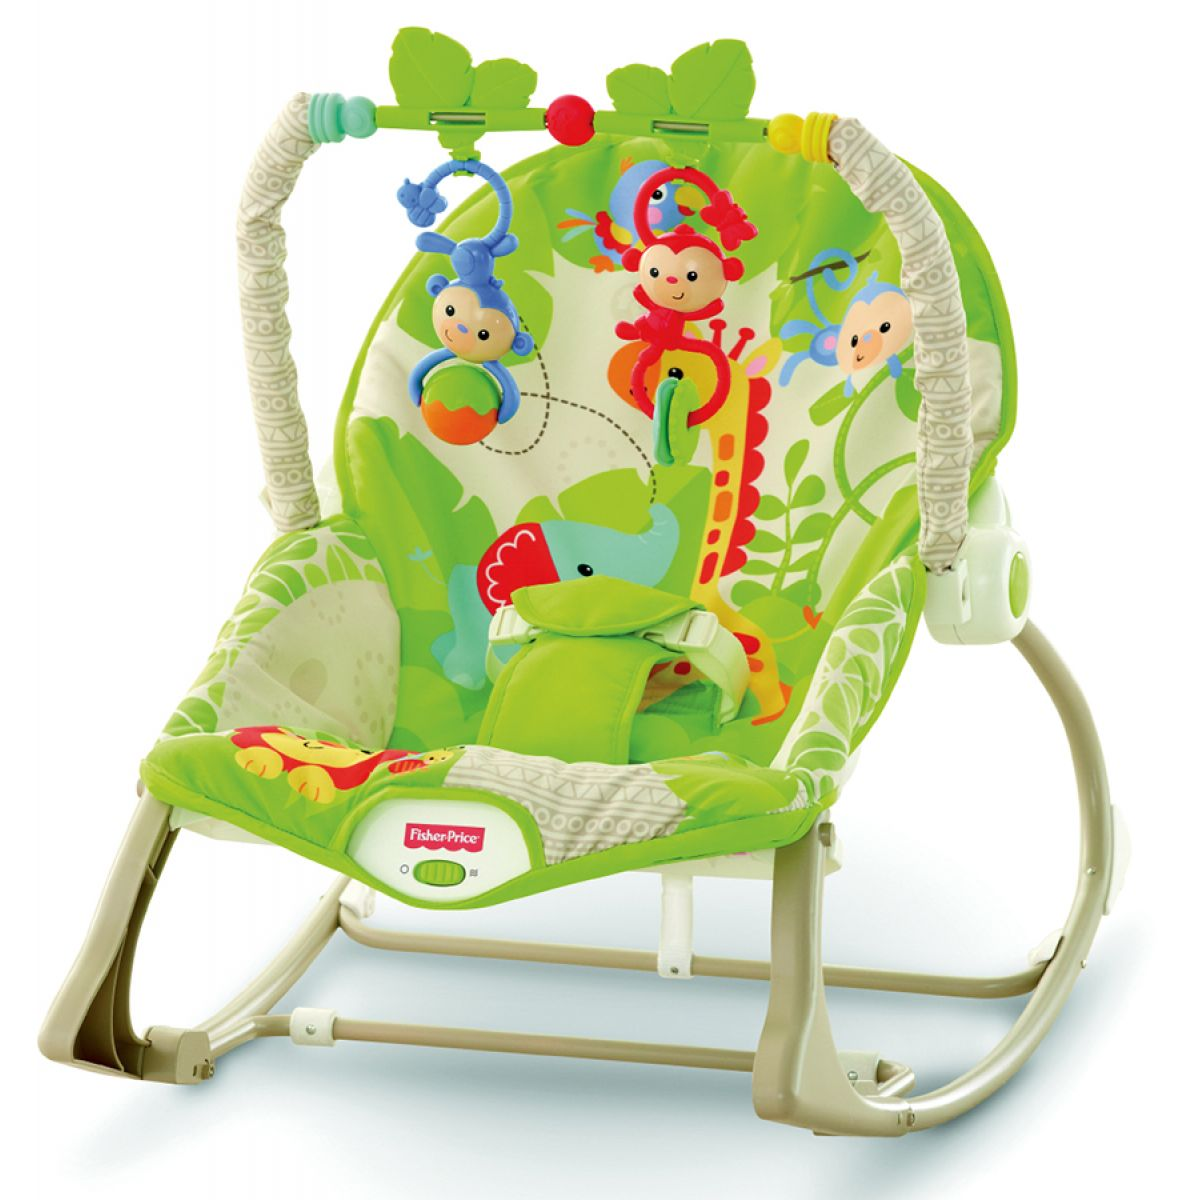 Fisher Price Baby Gear sedátko od bábätka po batoľa Rainforest (Fisher Price CBF52)